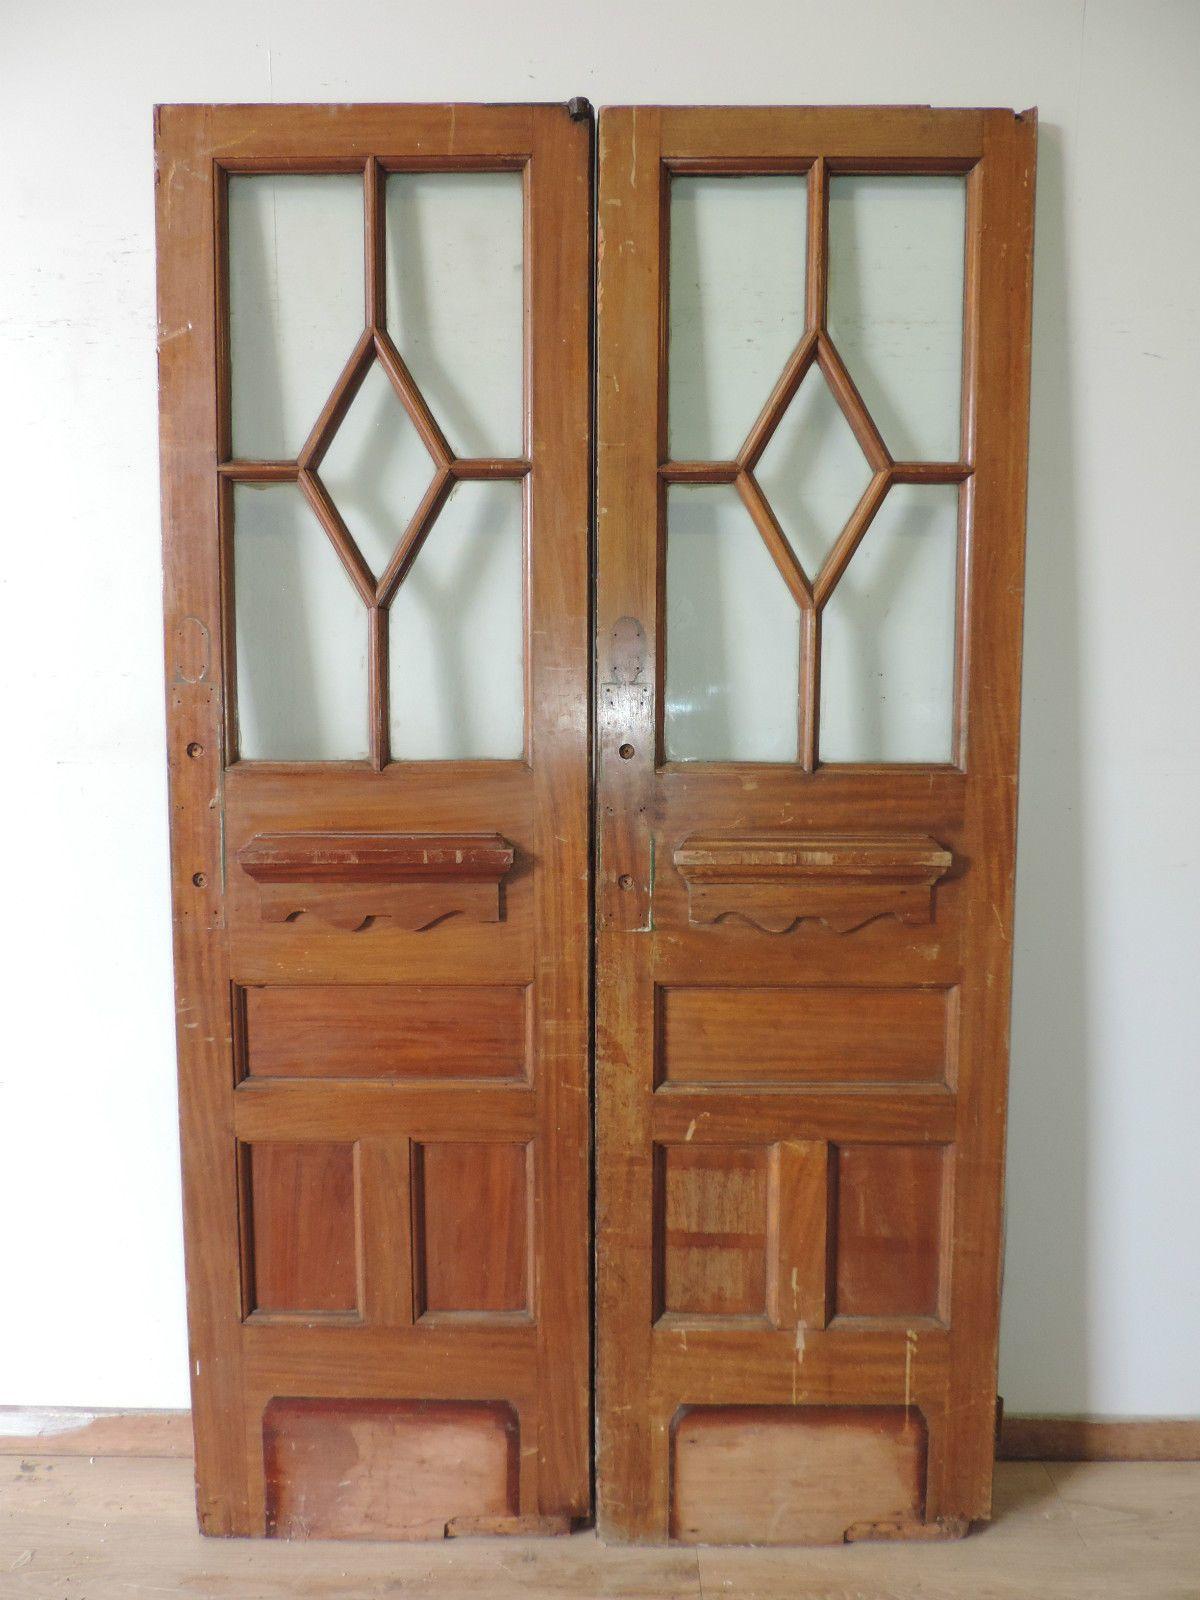 1930S Antique Reclaimed Front Doublefrench Doors Externalinternal Hardwood - Ebay